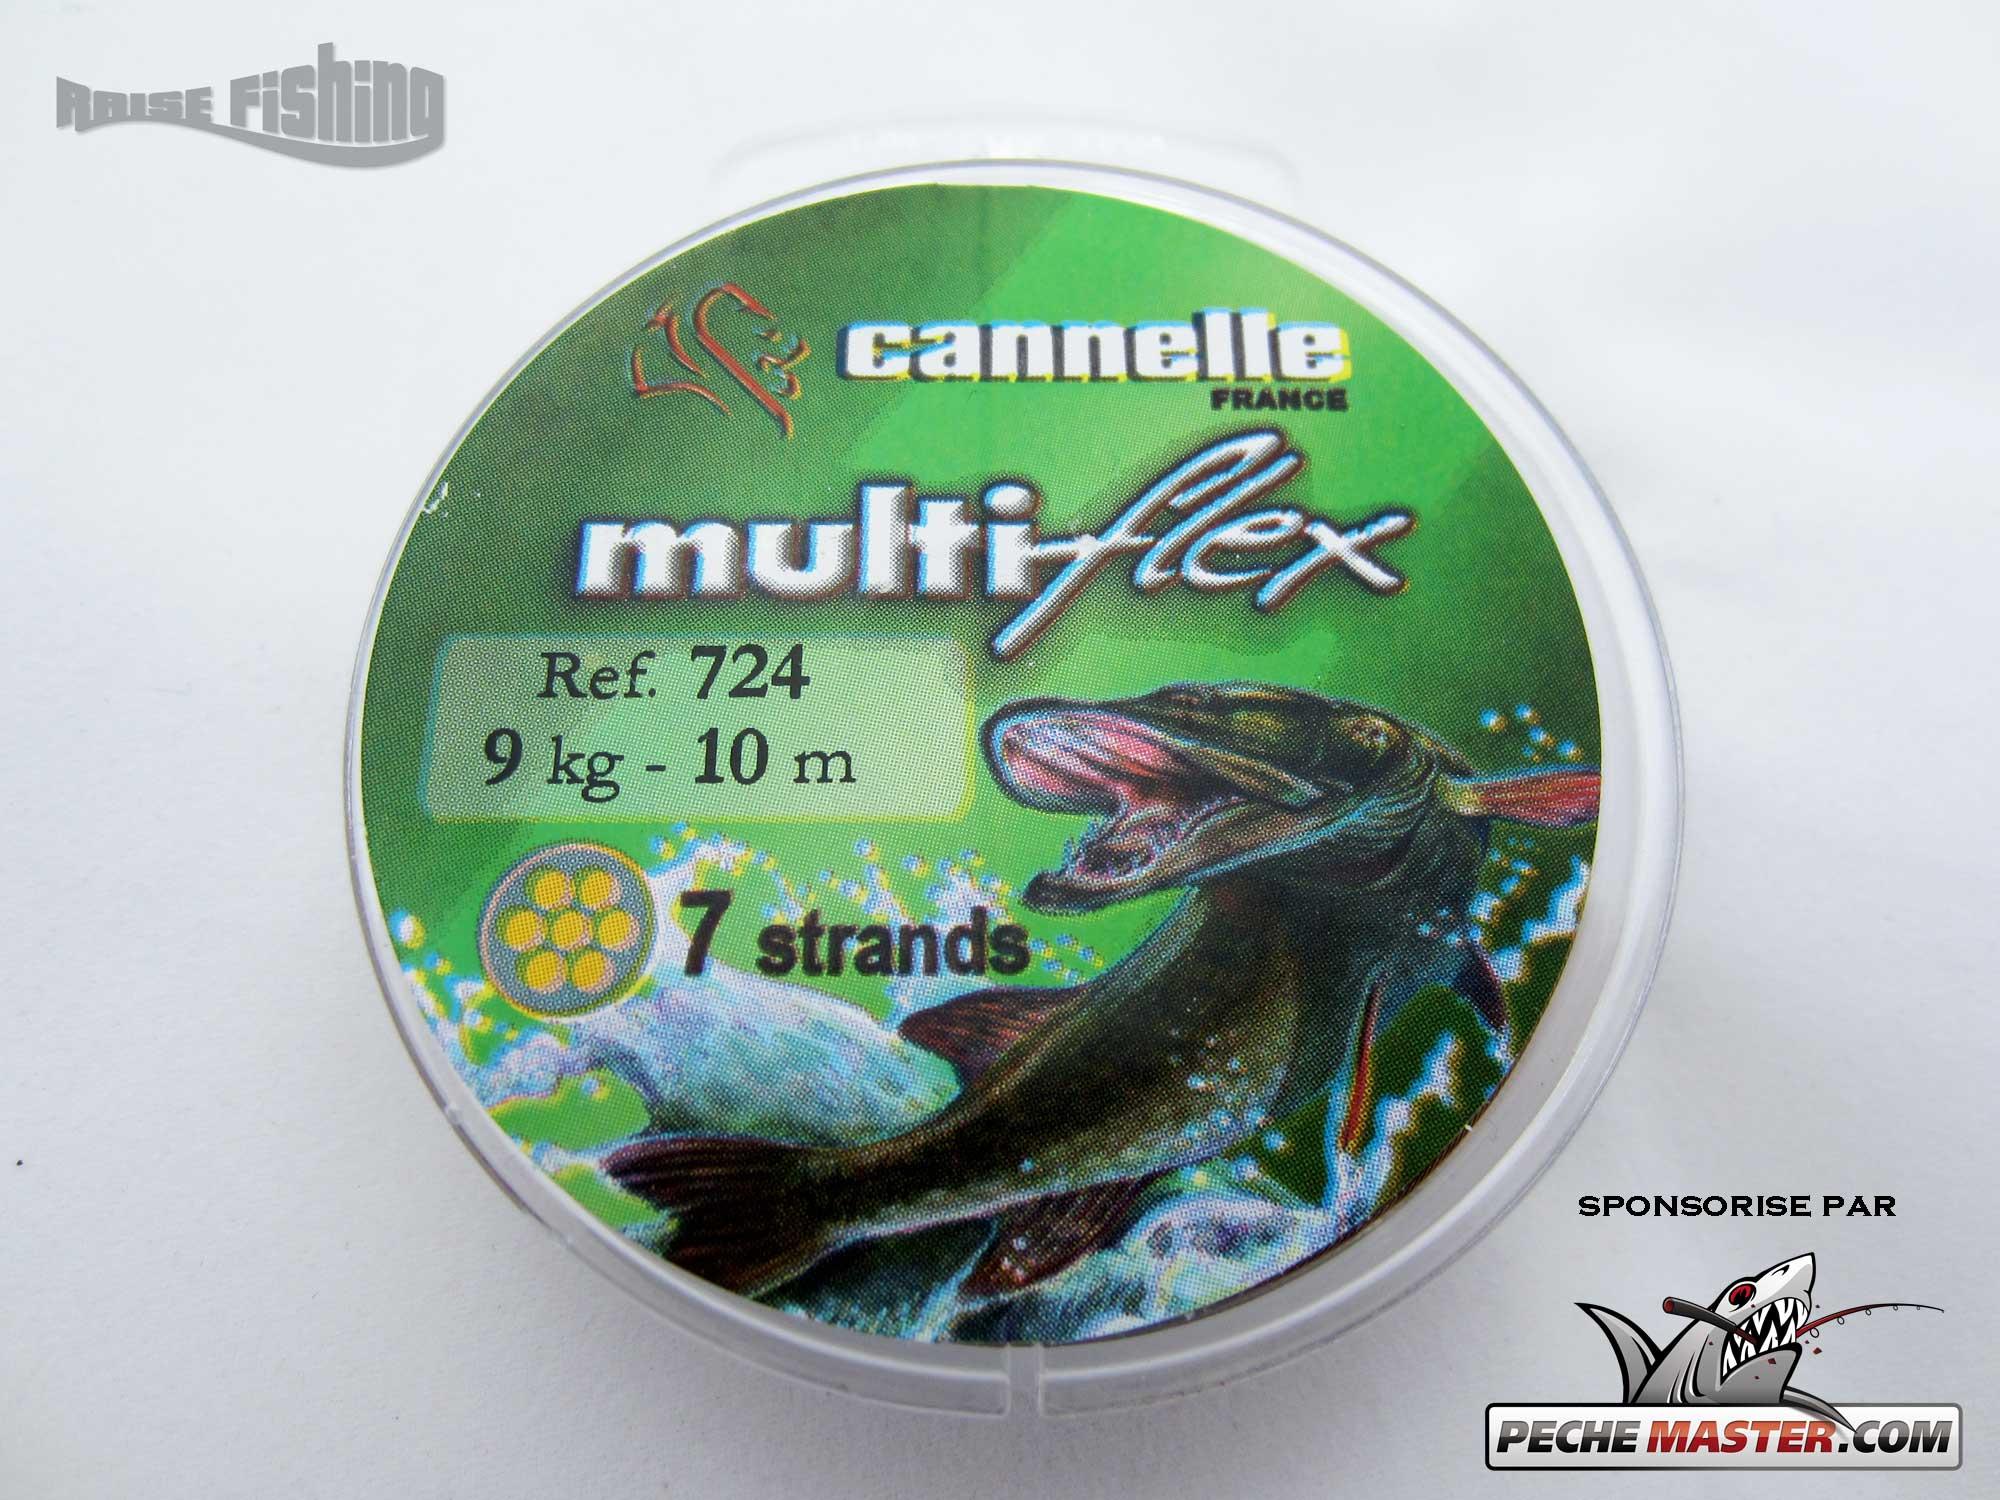 Test complet du fil d'acier Multiflex Cannelle